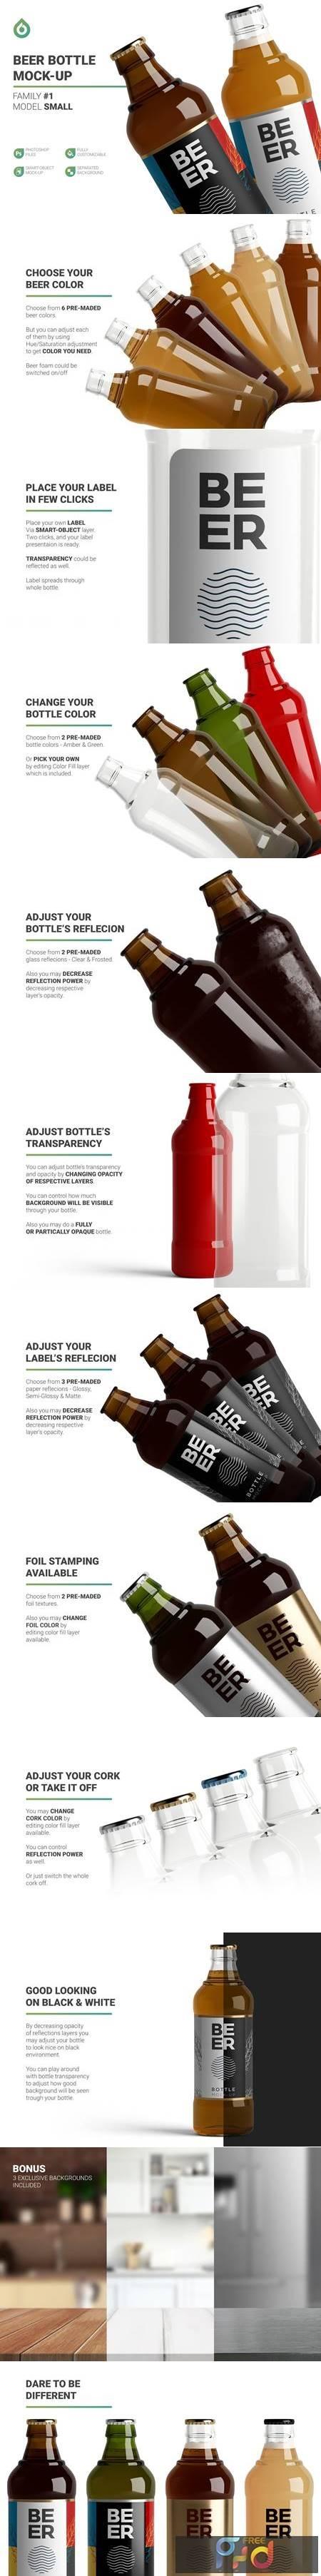 Beer Bottle Mockup 4998891 1